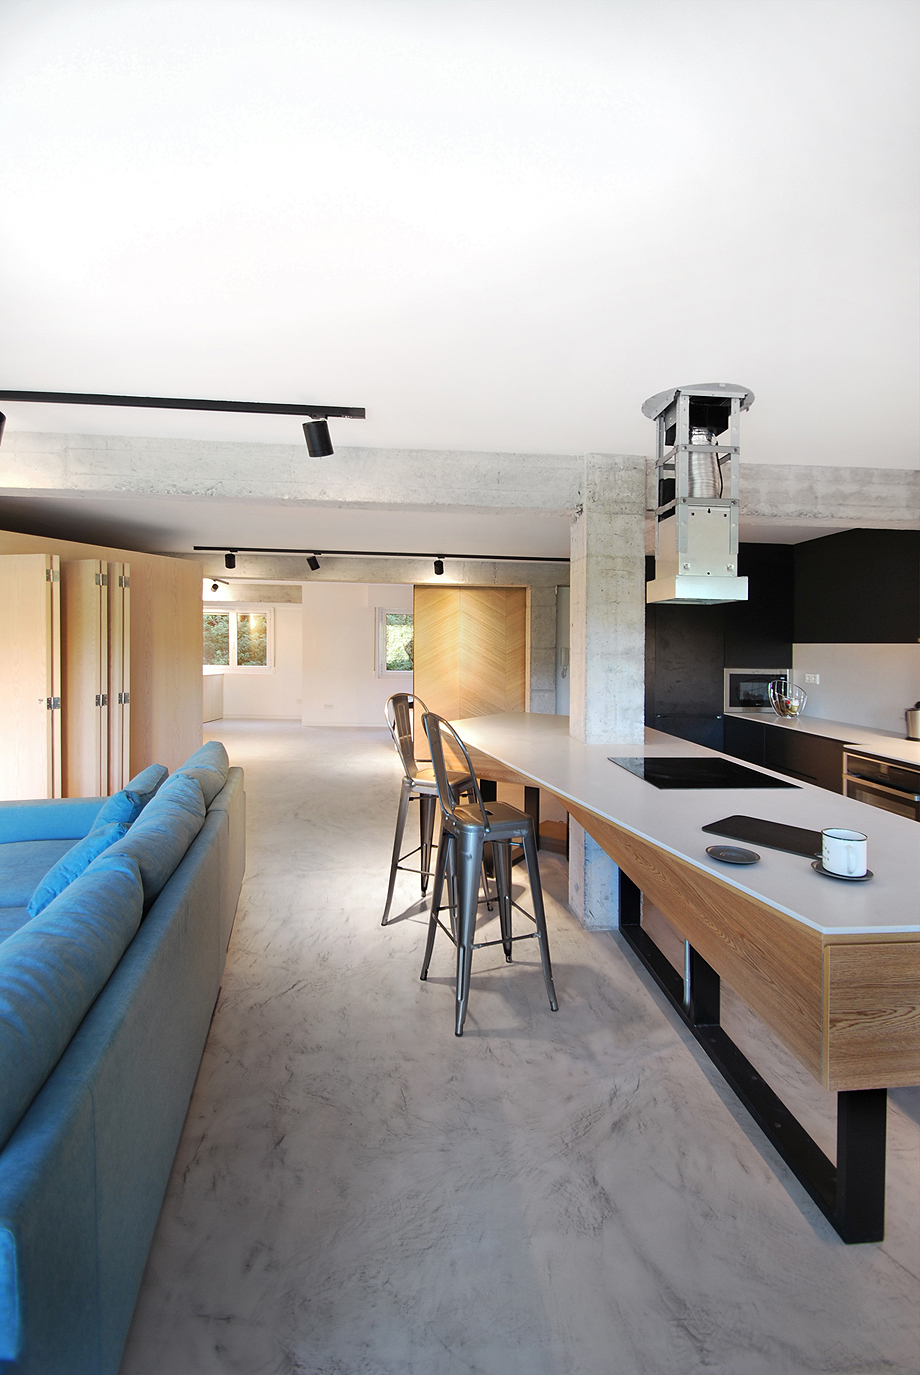 apartamento AB en beasain de mappa arquitectos (13)